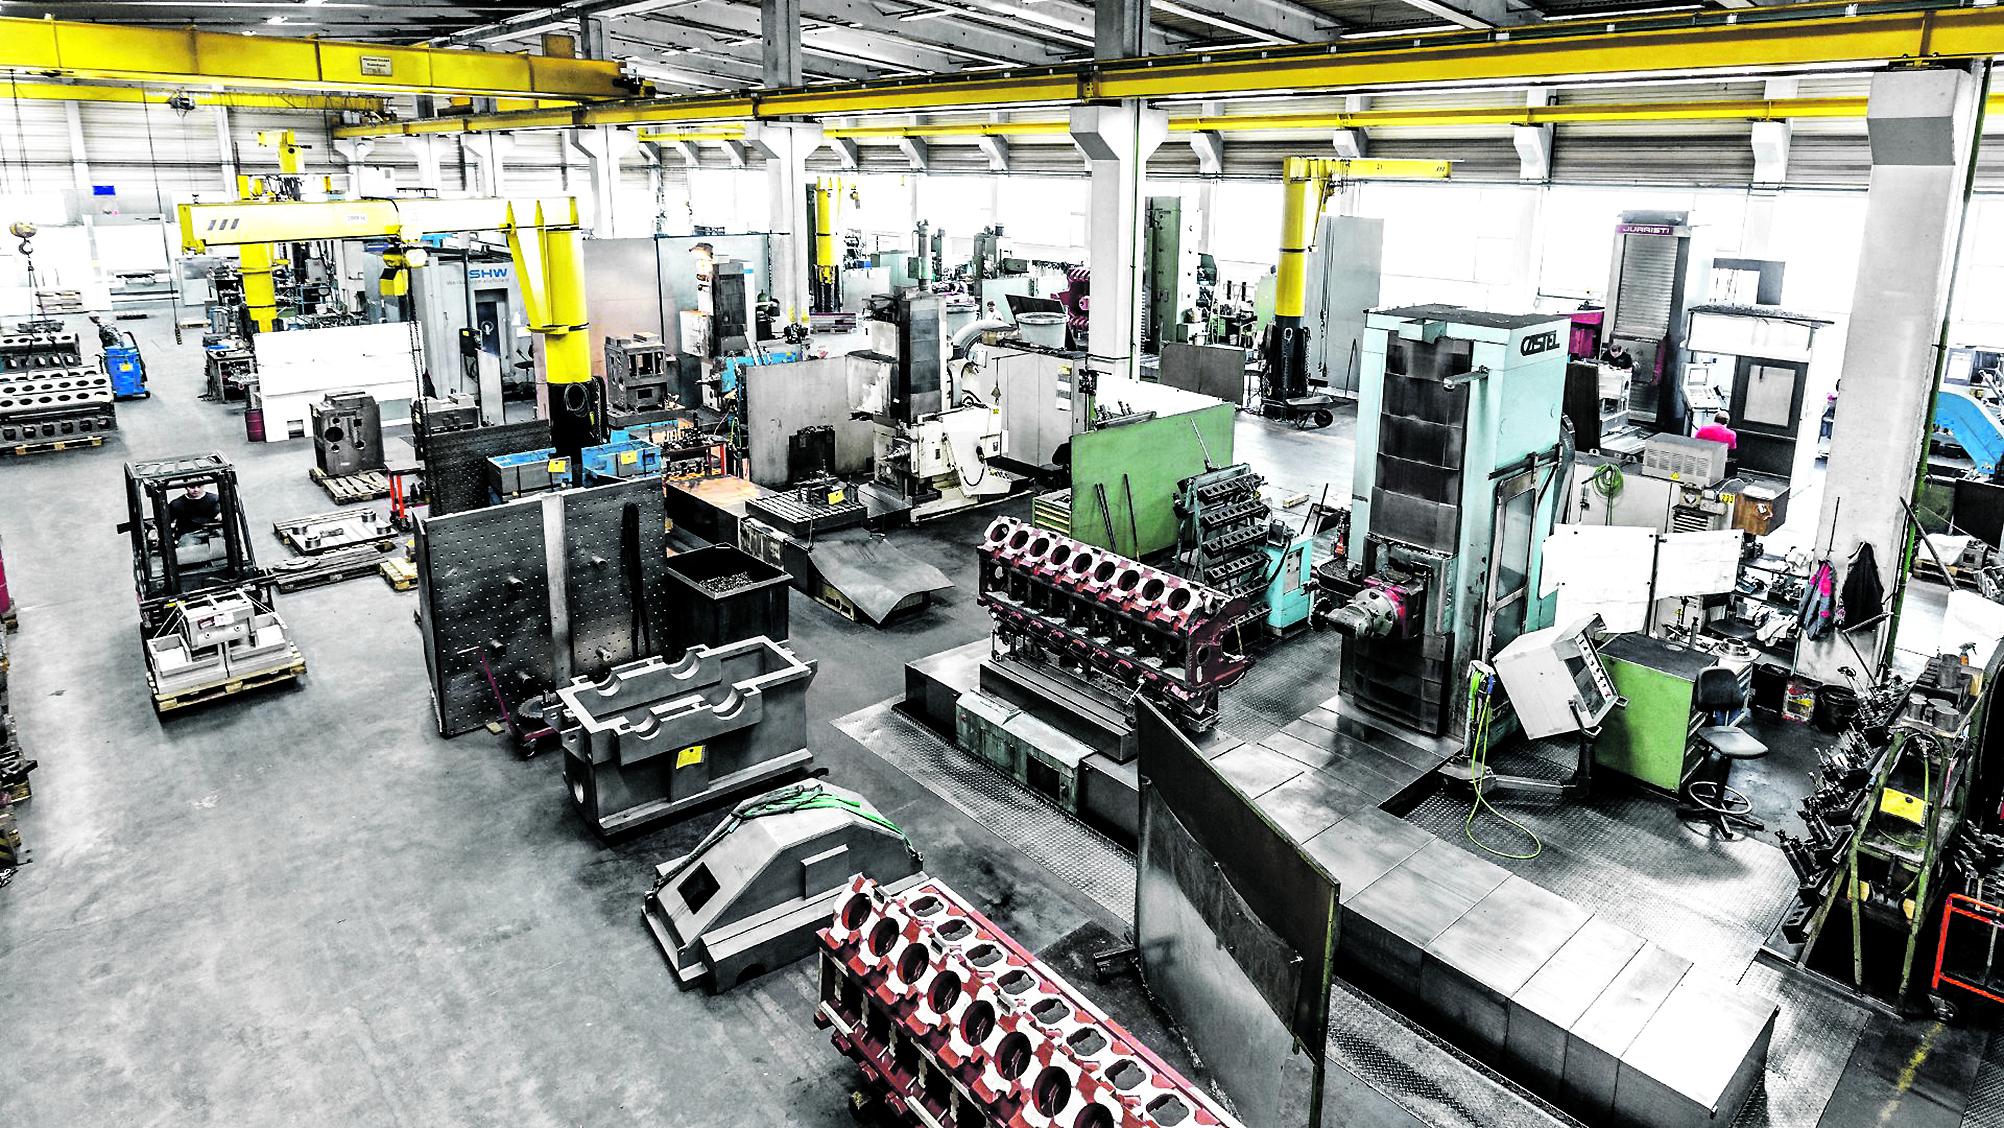 Die Zaigler Maschinenbau GmbH wurde 1954 gegründet und hat sich auf die Auftragsfertigung und Großteile-Zerspanung für Industriezweige wie die Druckindustrie, die Kunststoffverarbeitung, Energieerzeuger und den Maschinenbauallgemein spezialisiert. (Bild: Coscom Computer GmbH)